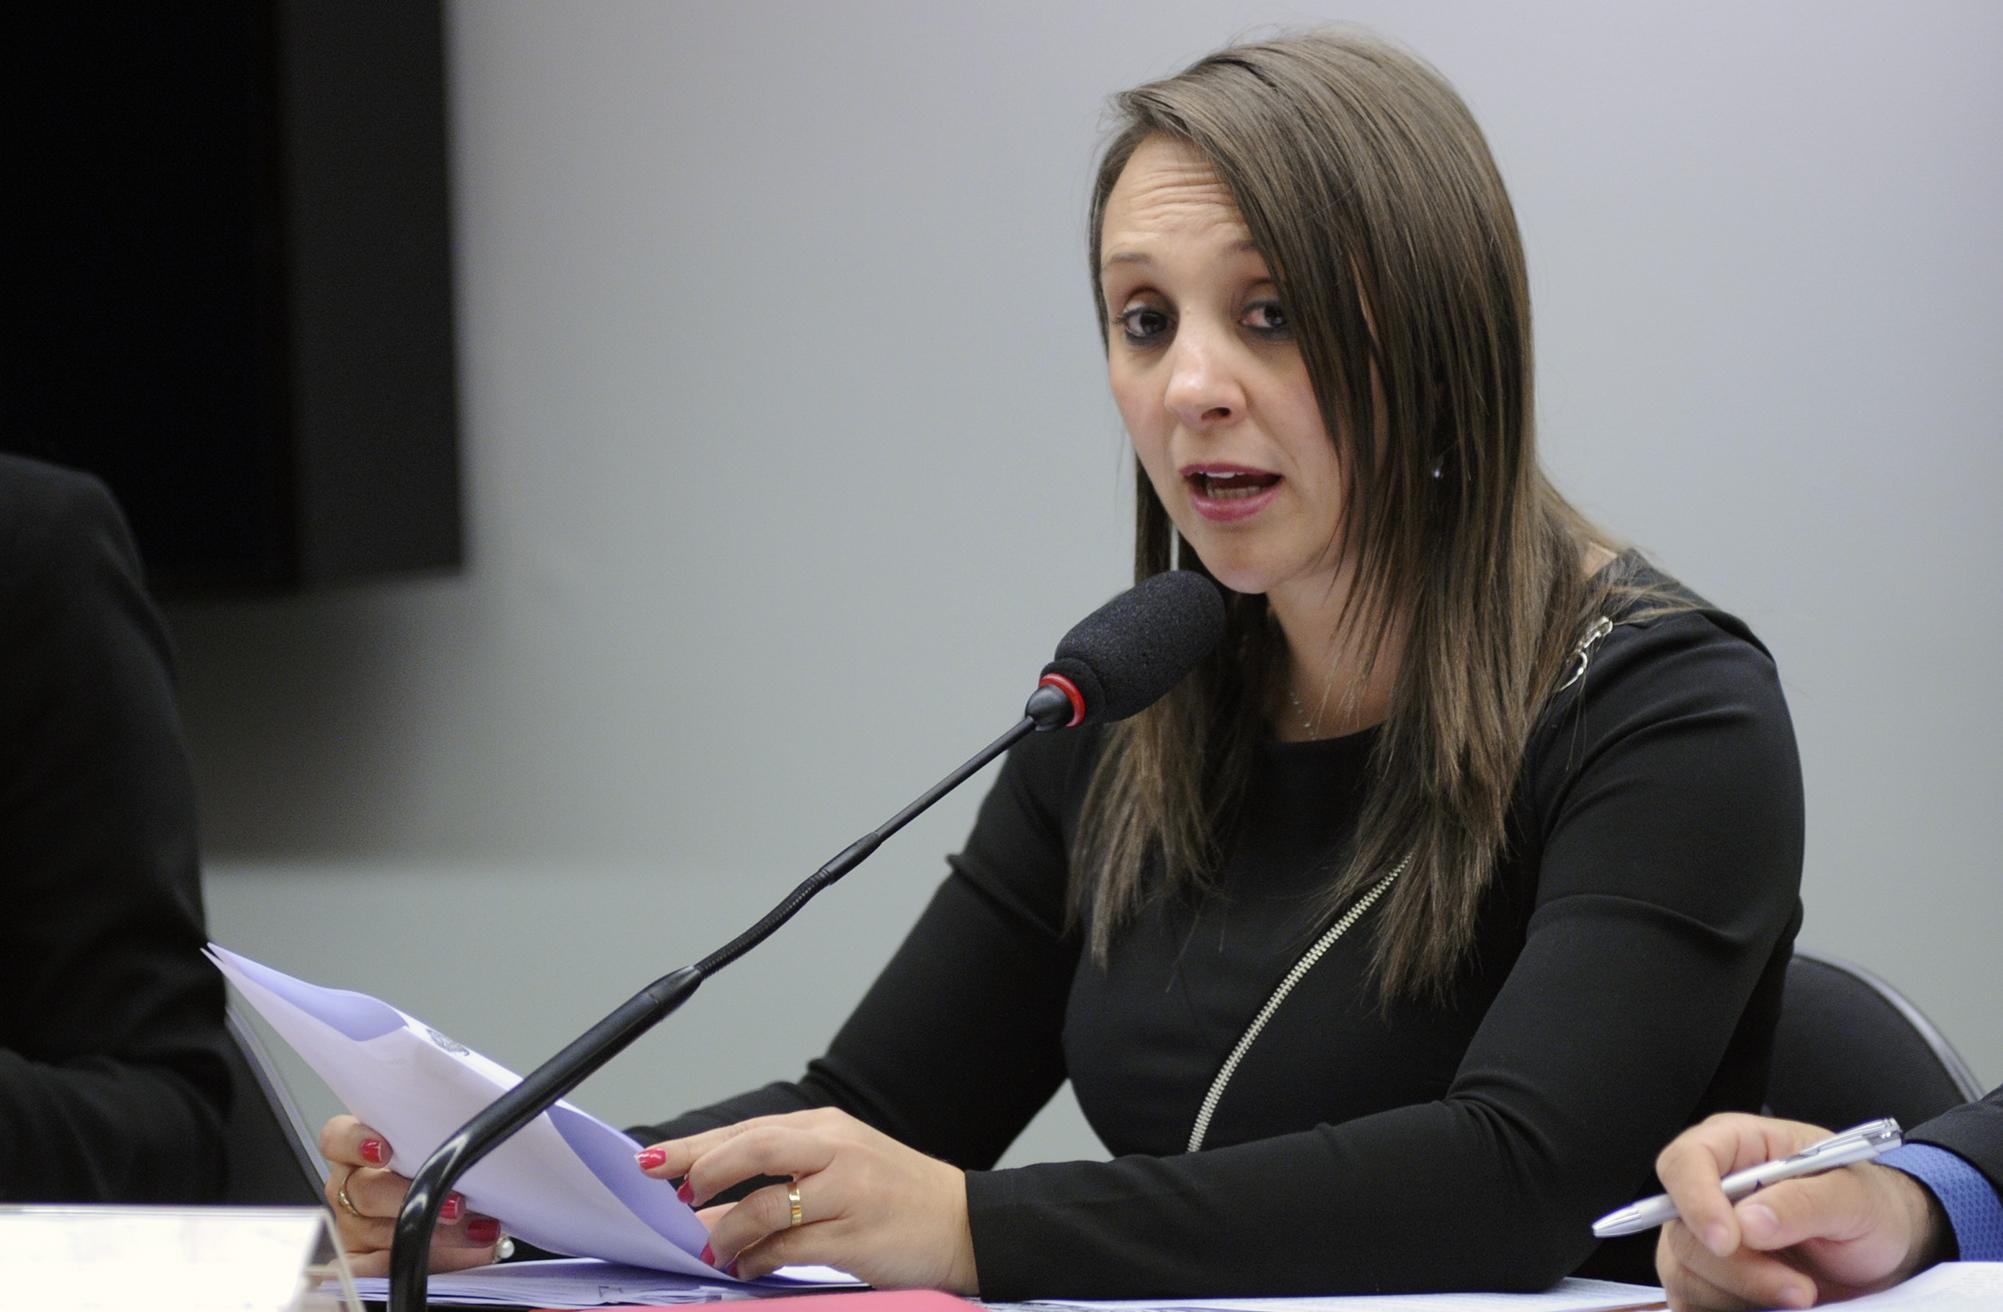 Reunião Ordinária. Dep. Renata Abreu (PODE - SP)